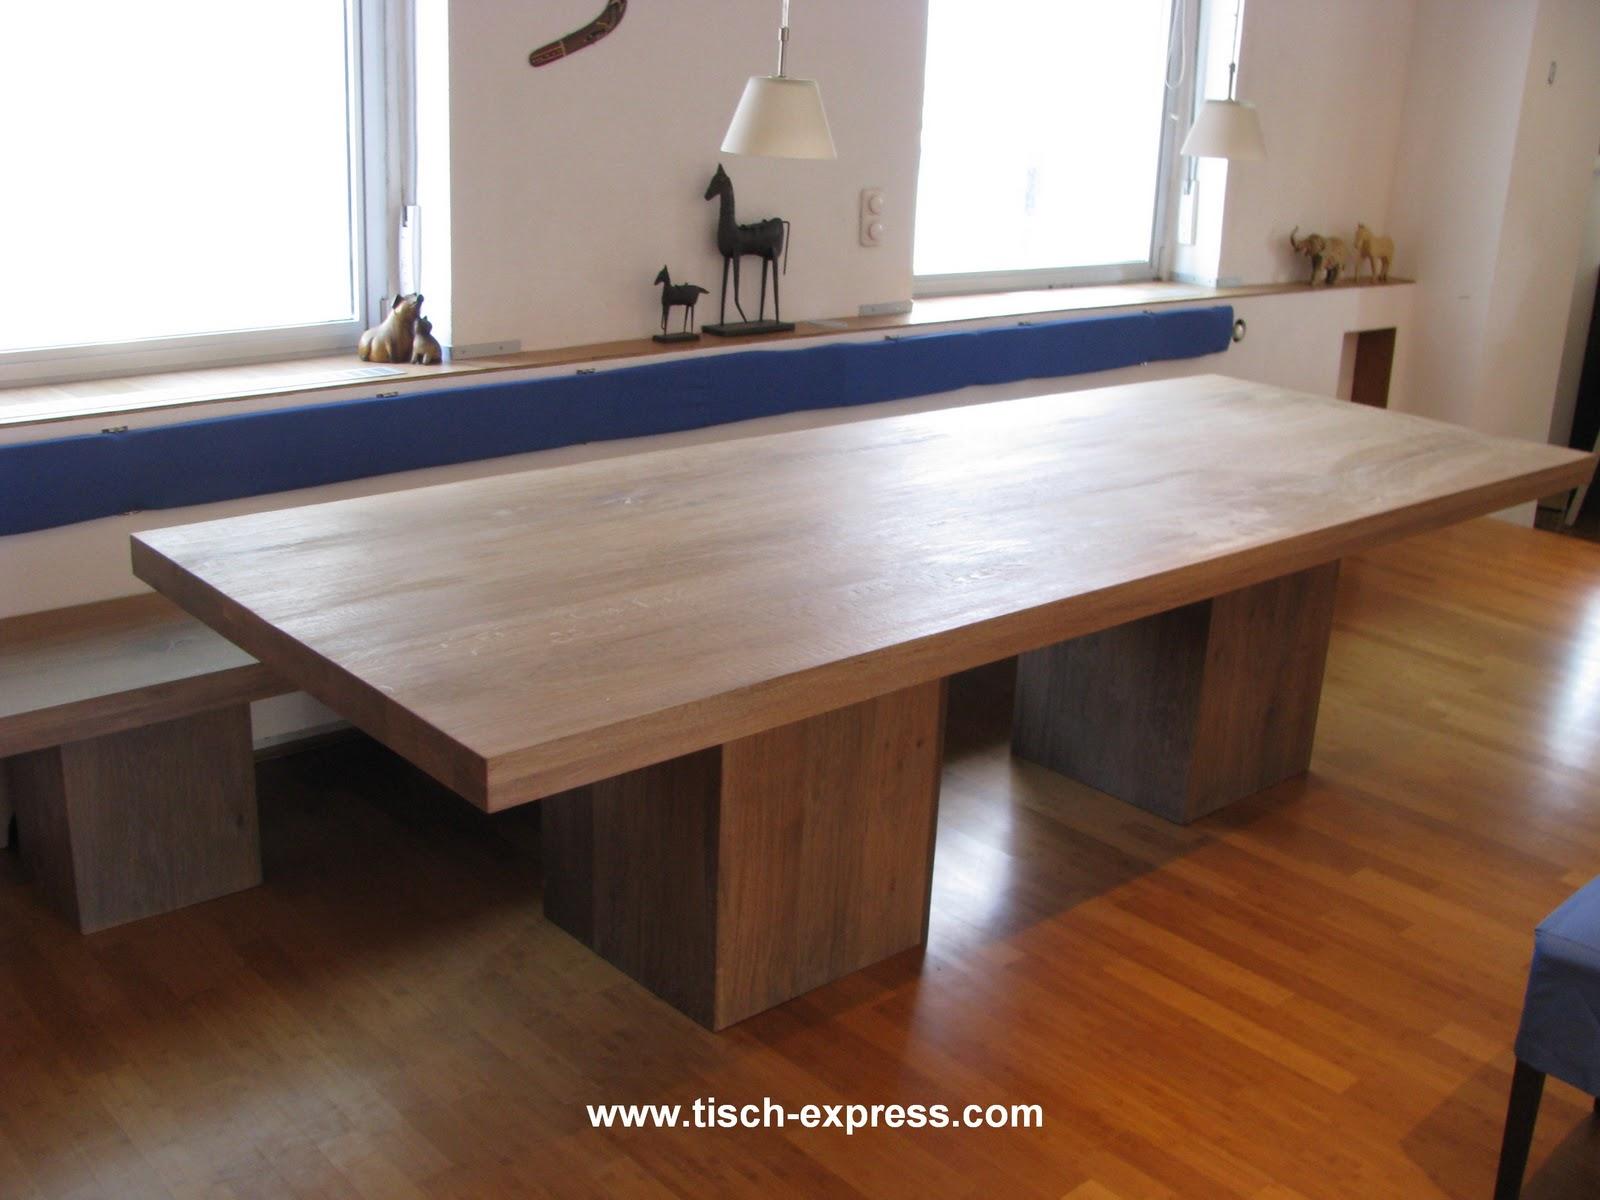 Moderne tisch eiche klostertisch for Tisch eiche